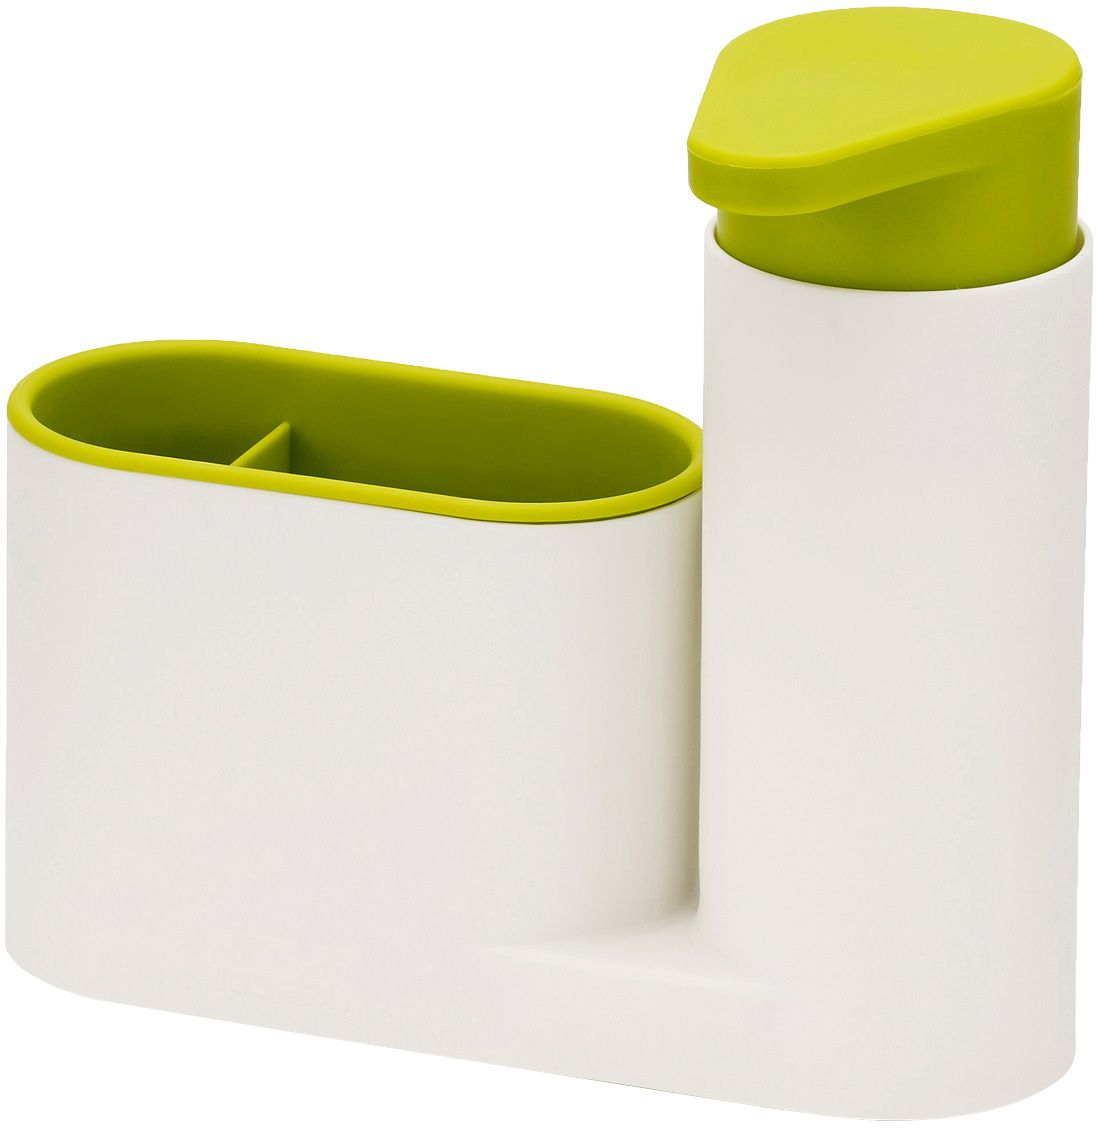 Органайзер для раковины Joseph Joseph SinkBase, с дозатором для мыла, цвет: белый, зеленый